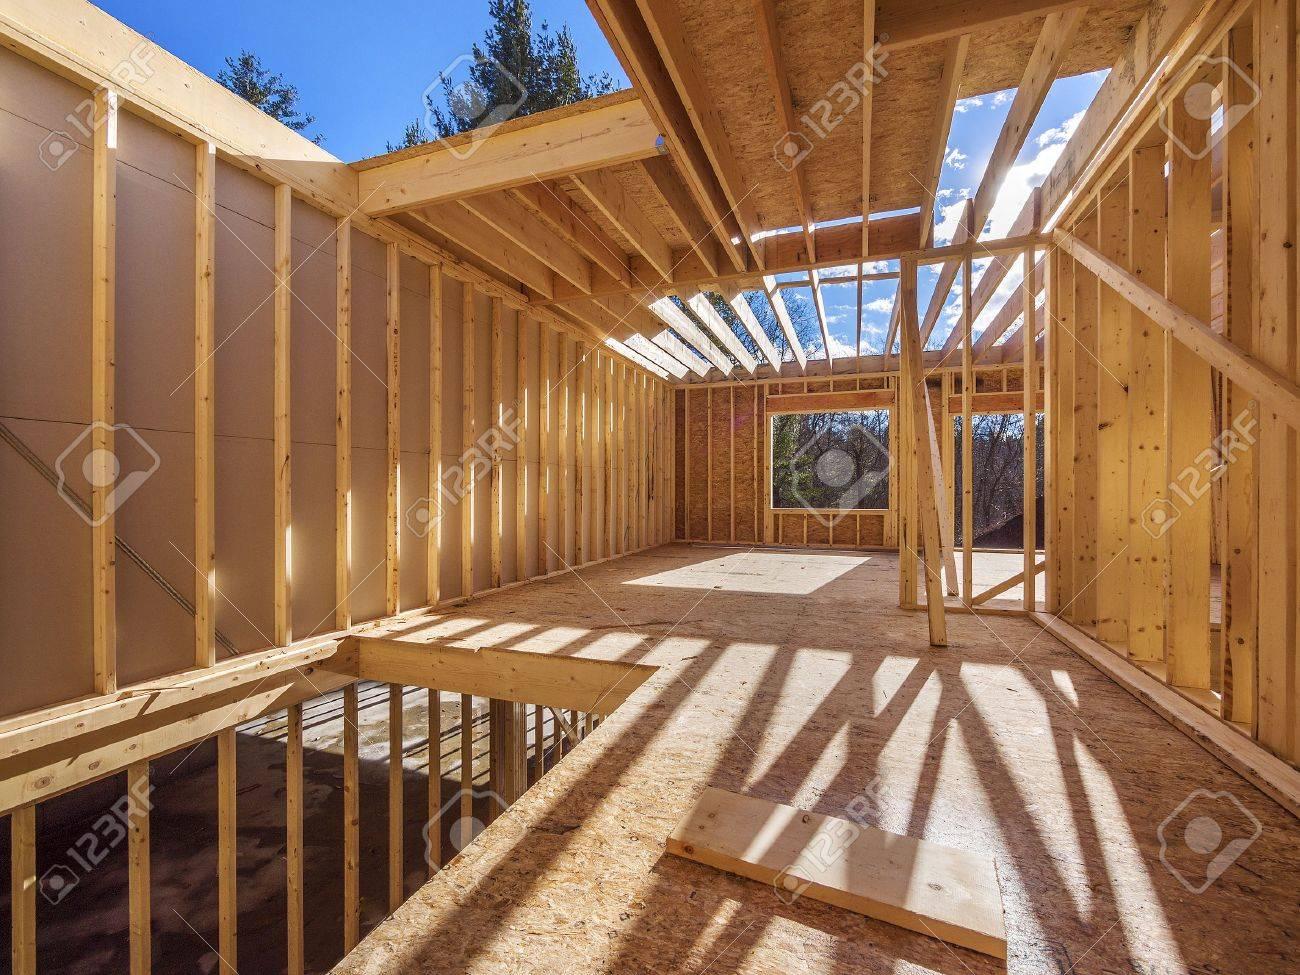 Nueva Construcción De Encuadre De Una Casa Fotos, Retratos, Imágenes ...